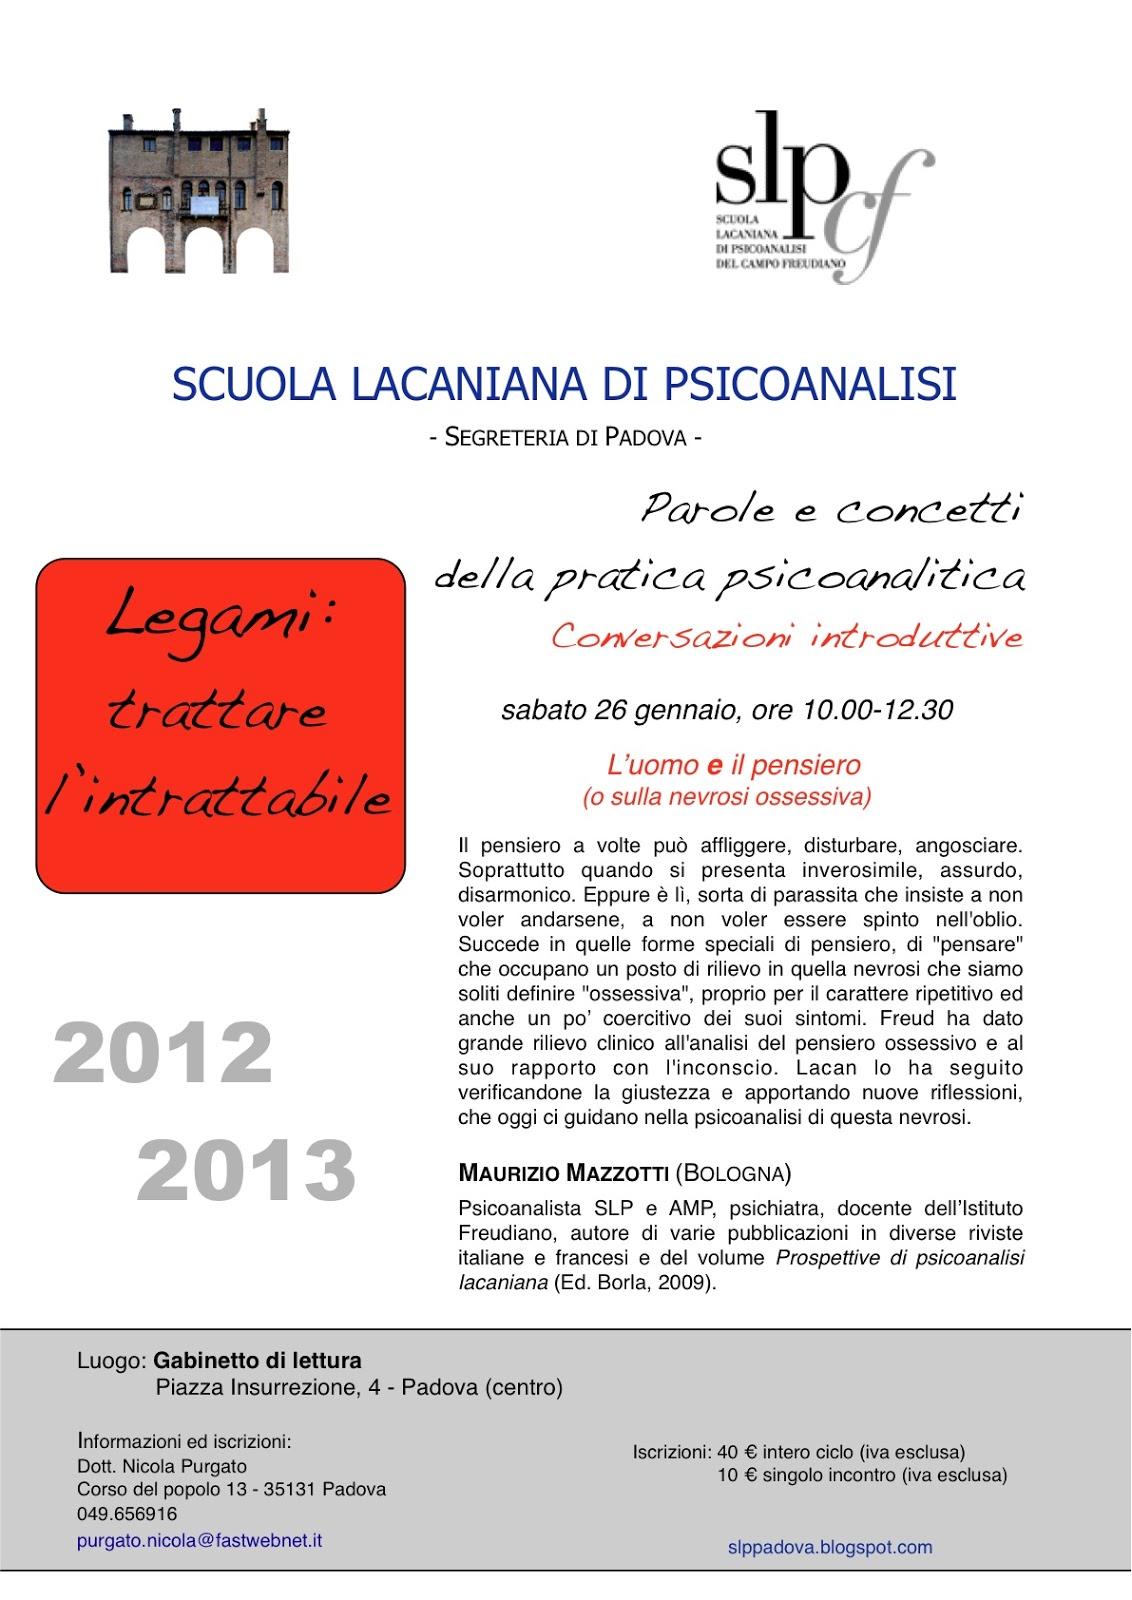 http://2.bp.blogspot.com/-HlLZa41rd1w/UP2IxNzT4FI/AAAAAAAAAu0/XH2UvFH3kzU/s1600/Mazzotti.jpg